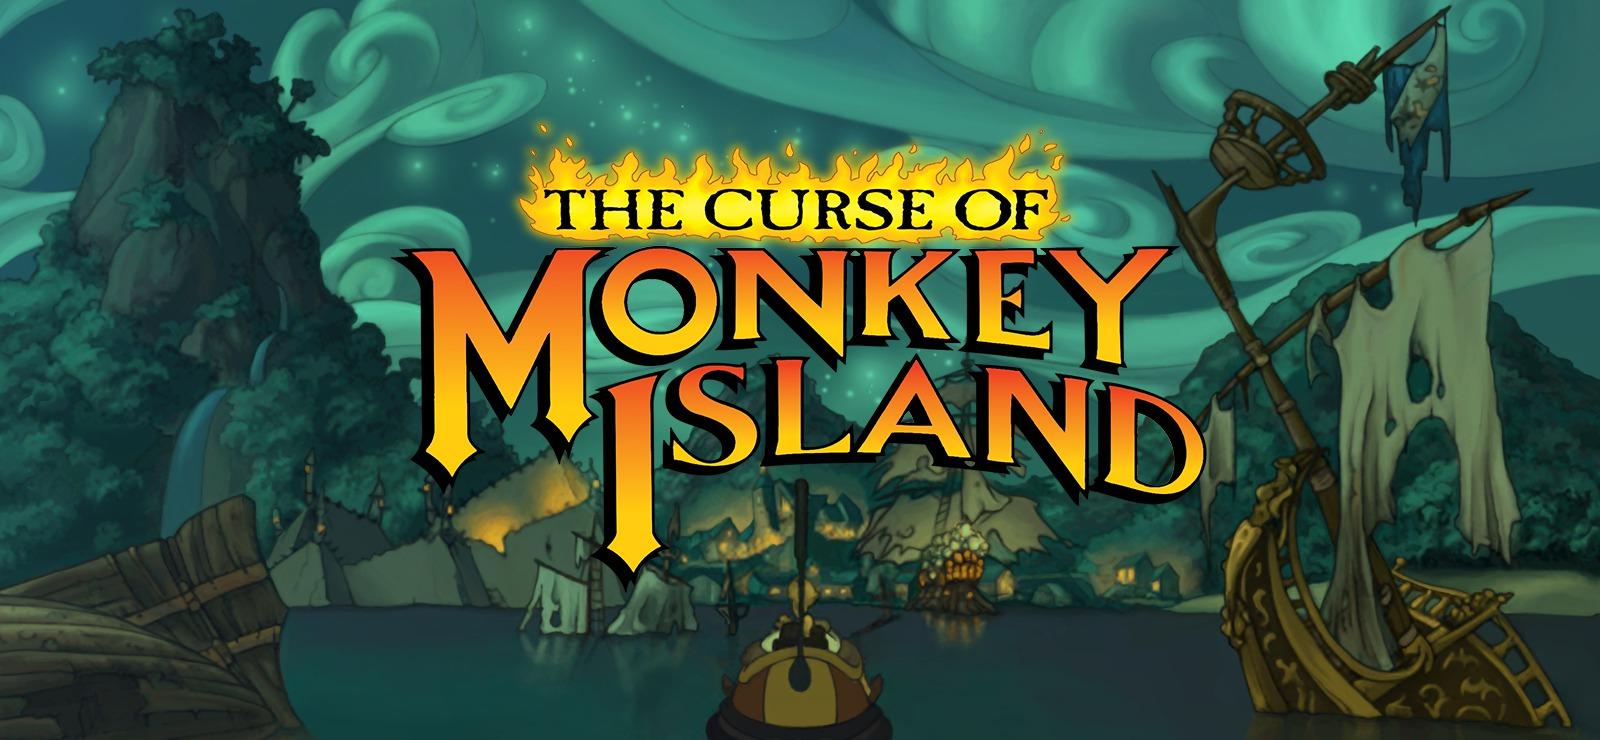 MONKEY ISLAND (Saga 1, 2, 3 y 4)